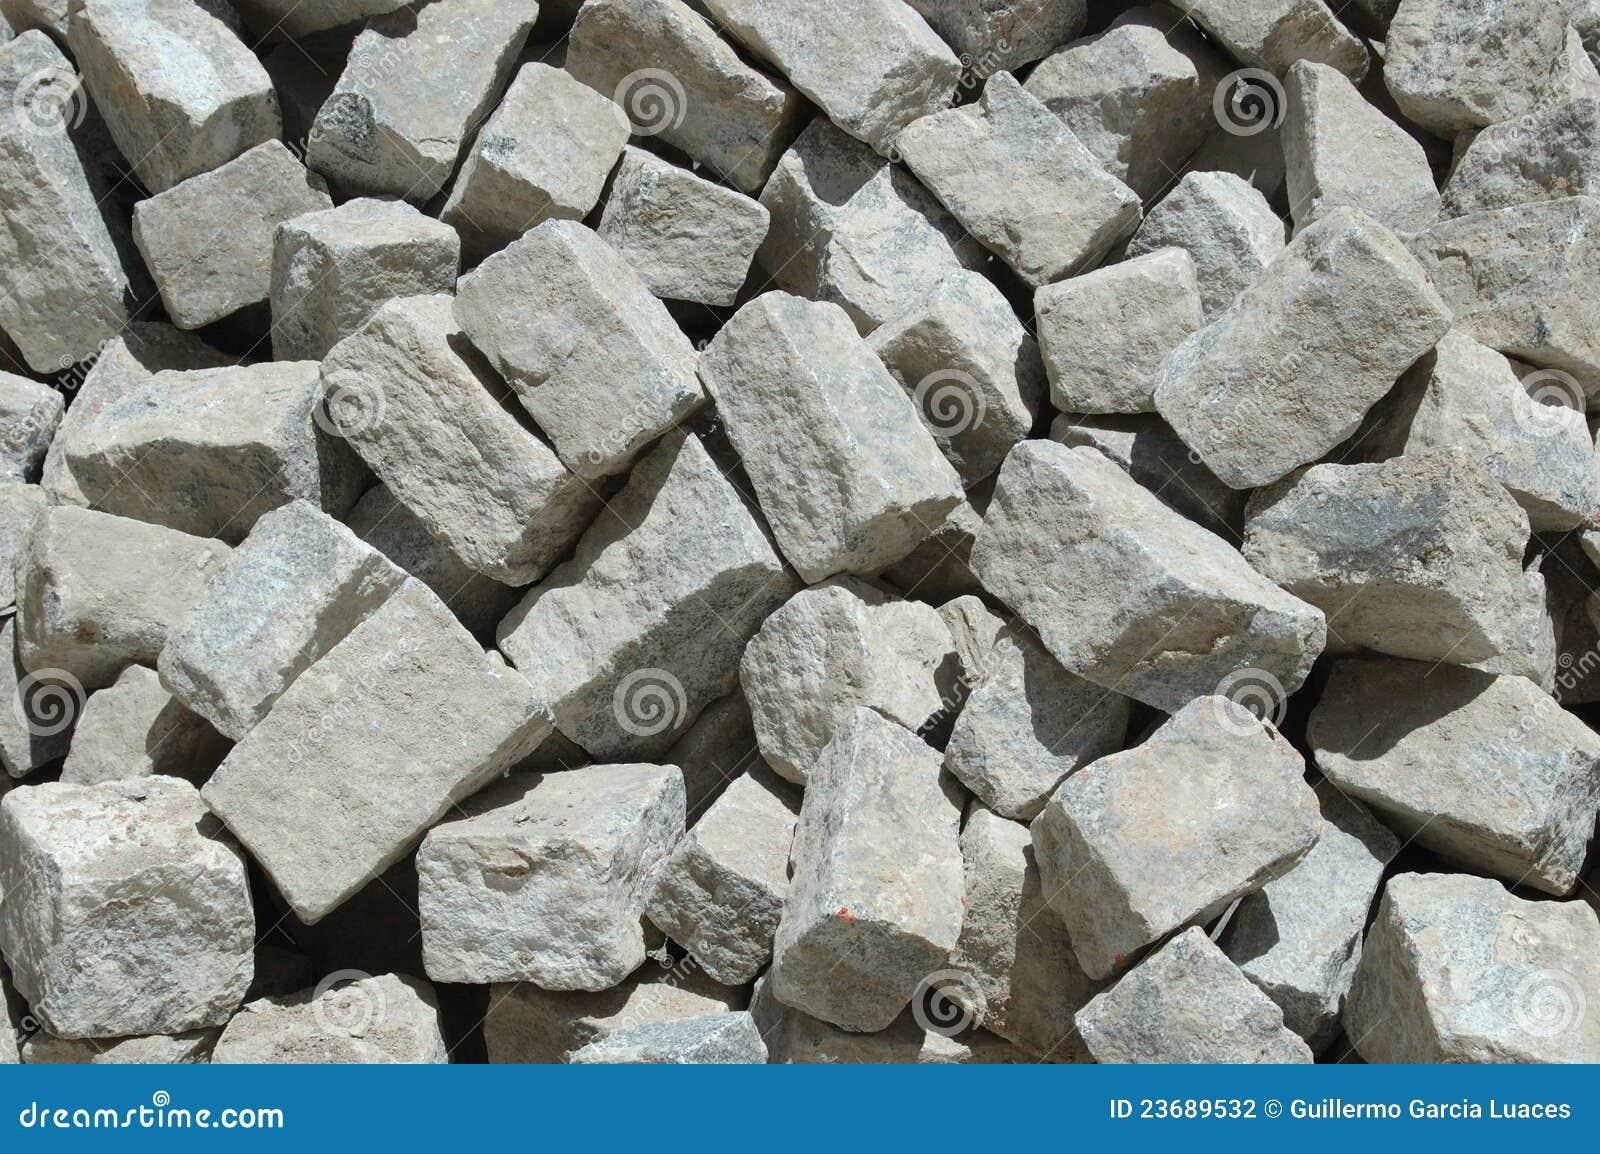 Granite stones for construction stock photo image of for Piedra de granito